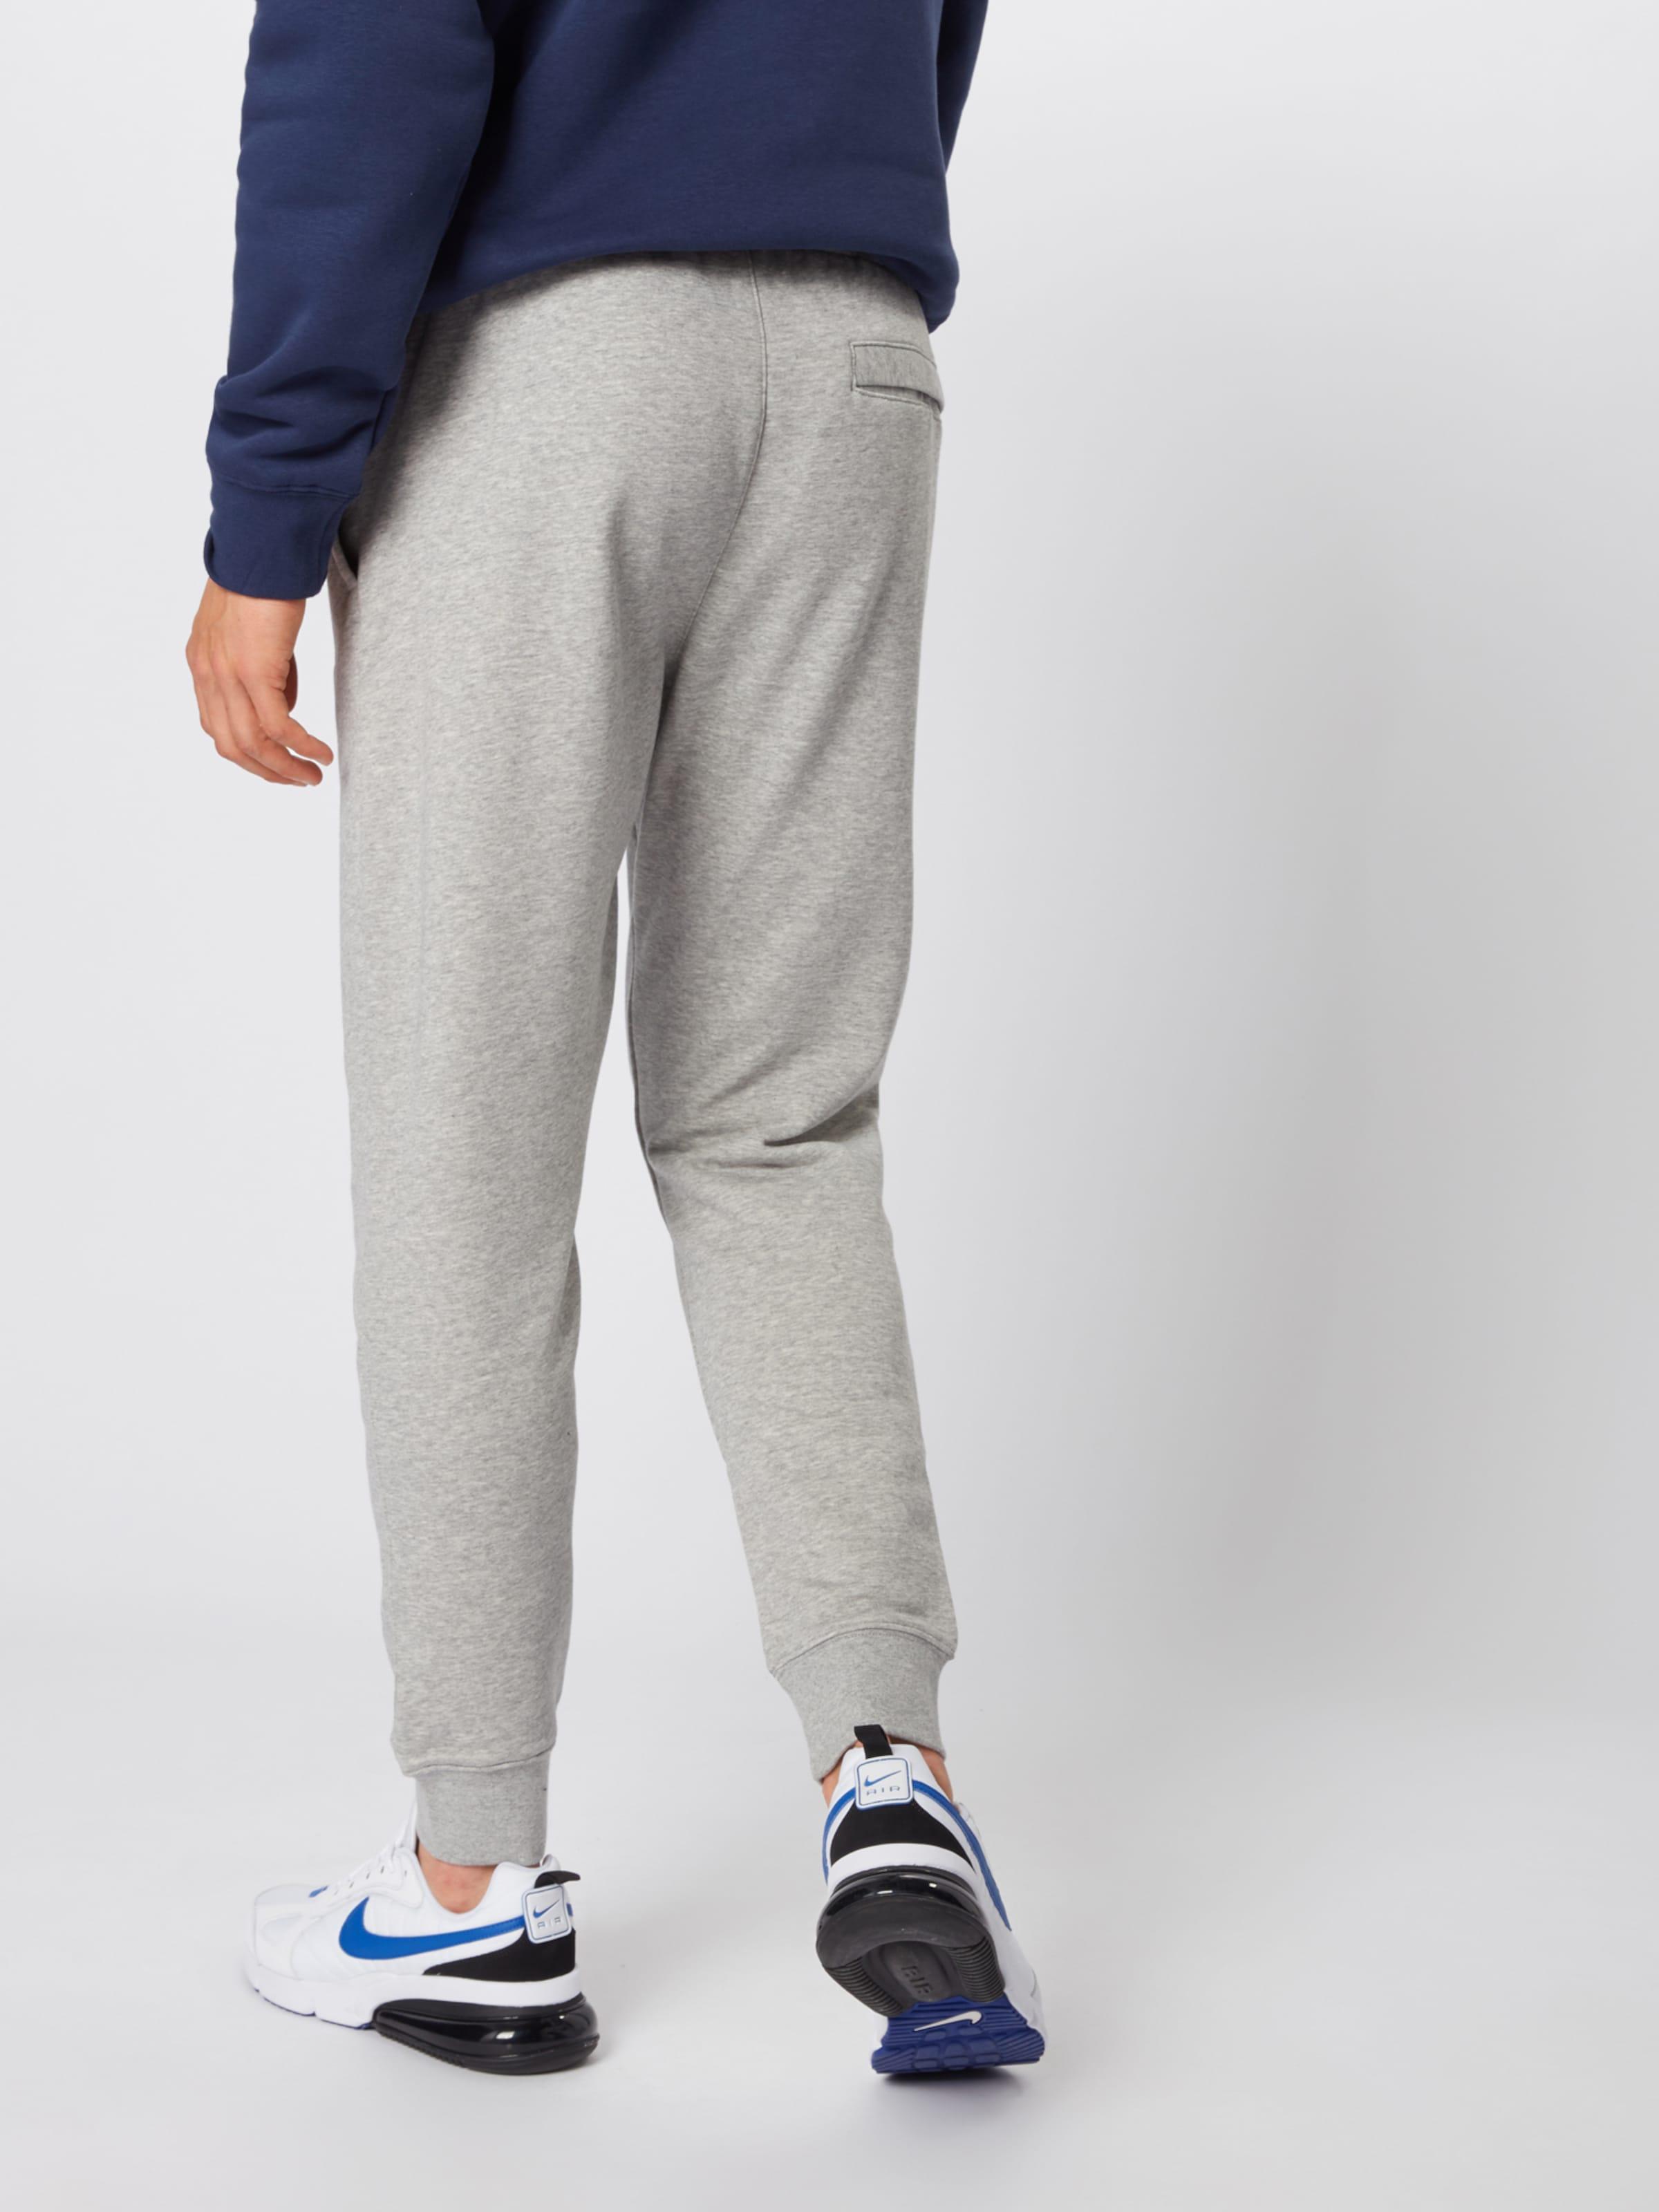 Nike En MarineBlanc Sportswear Pantalon Bleu 8OPnk0wX